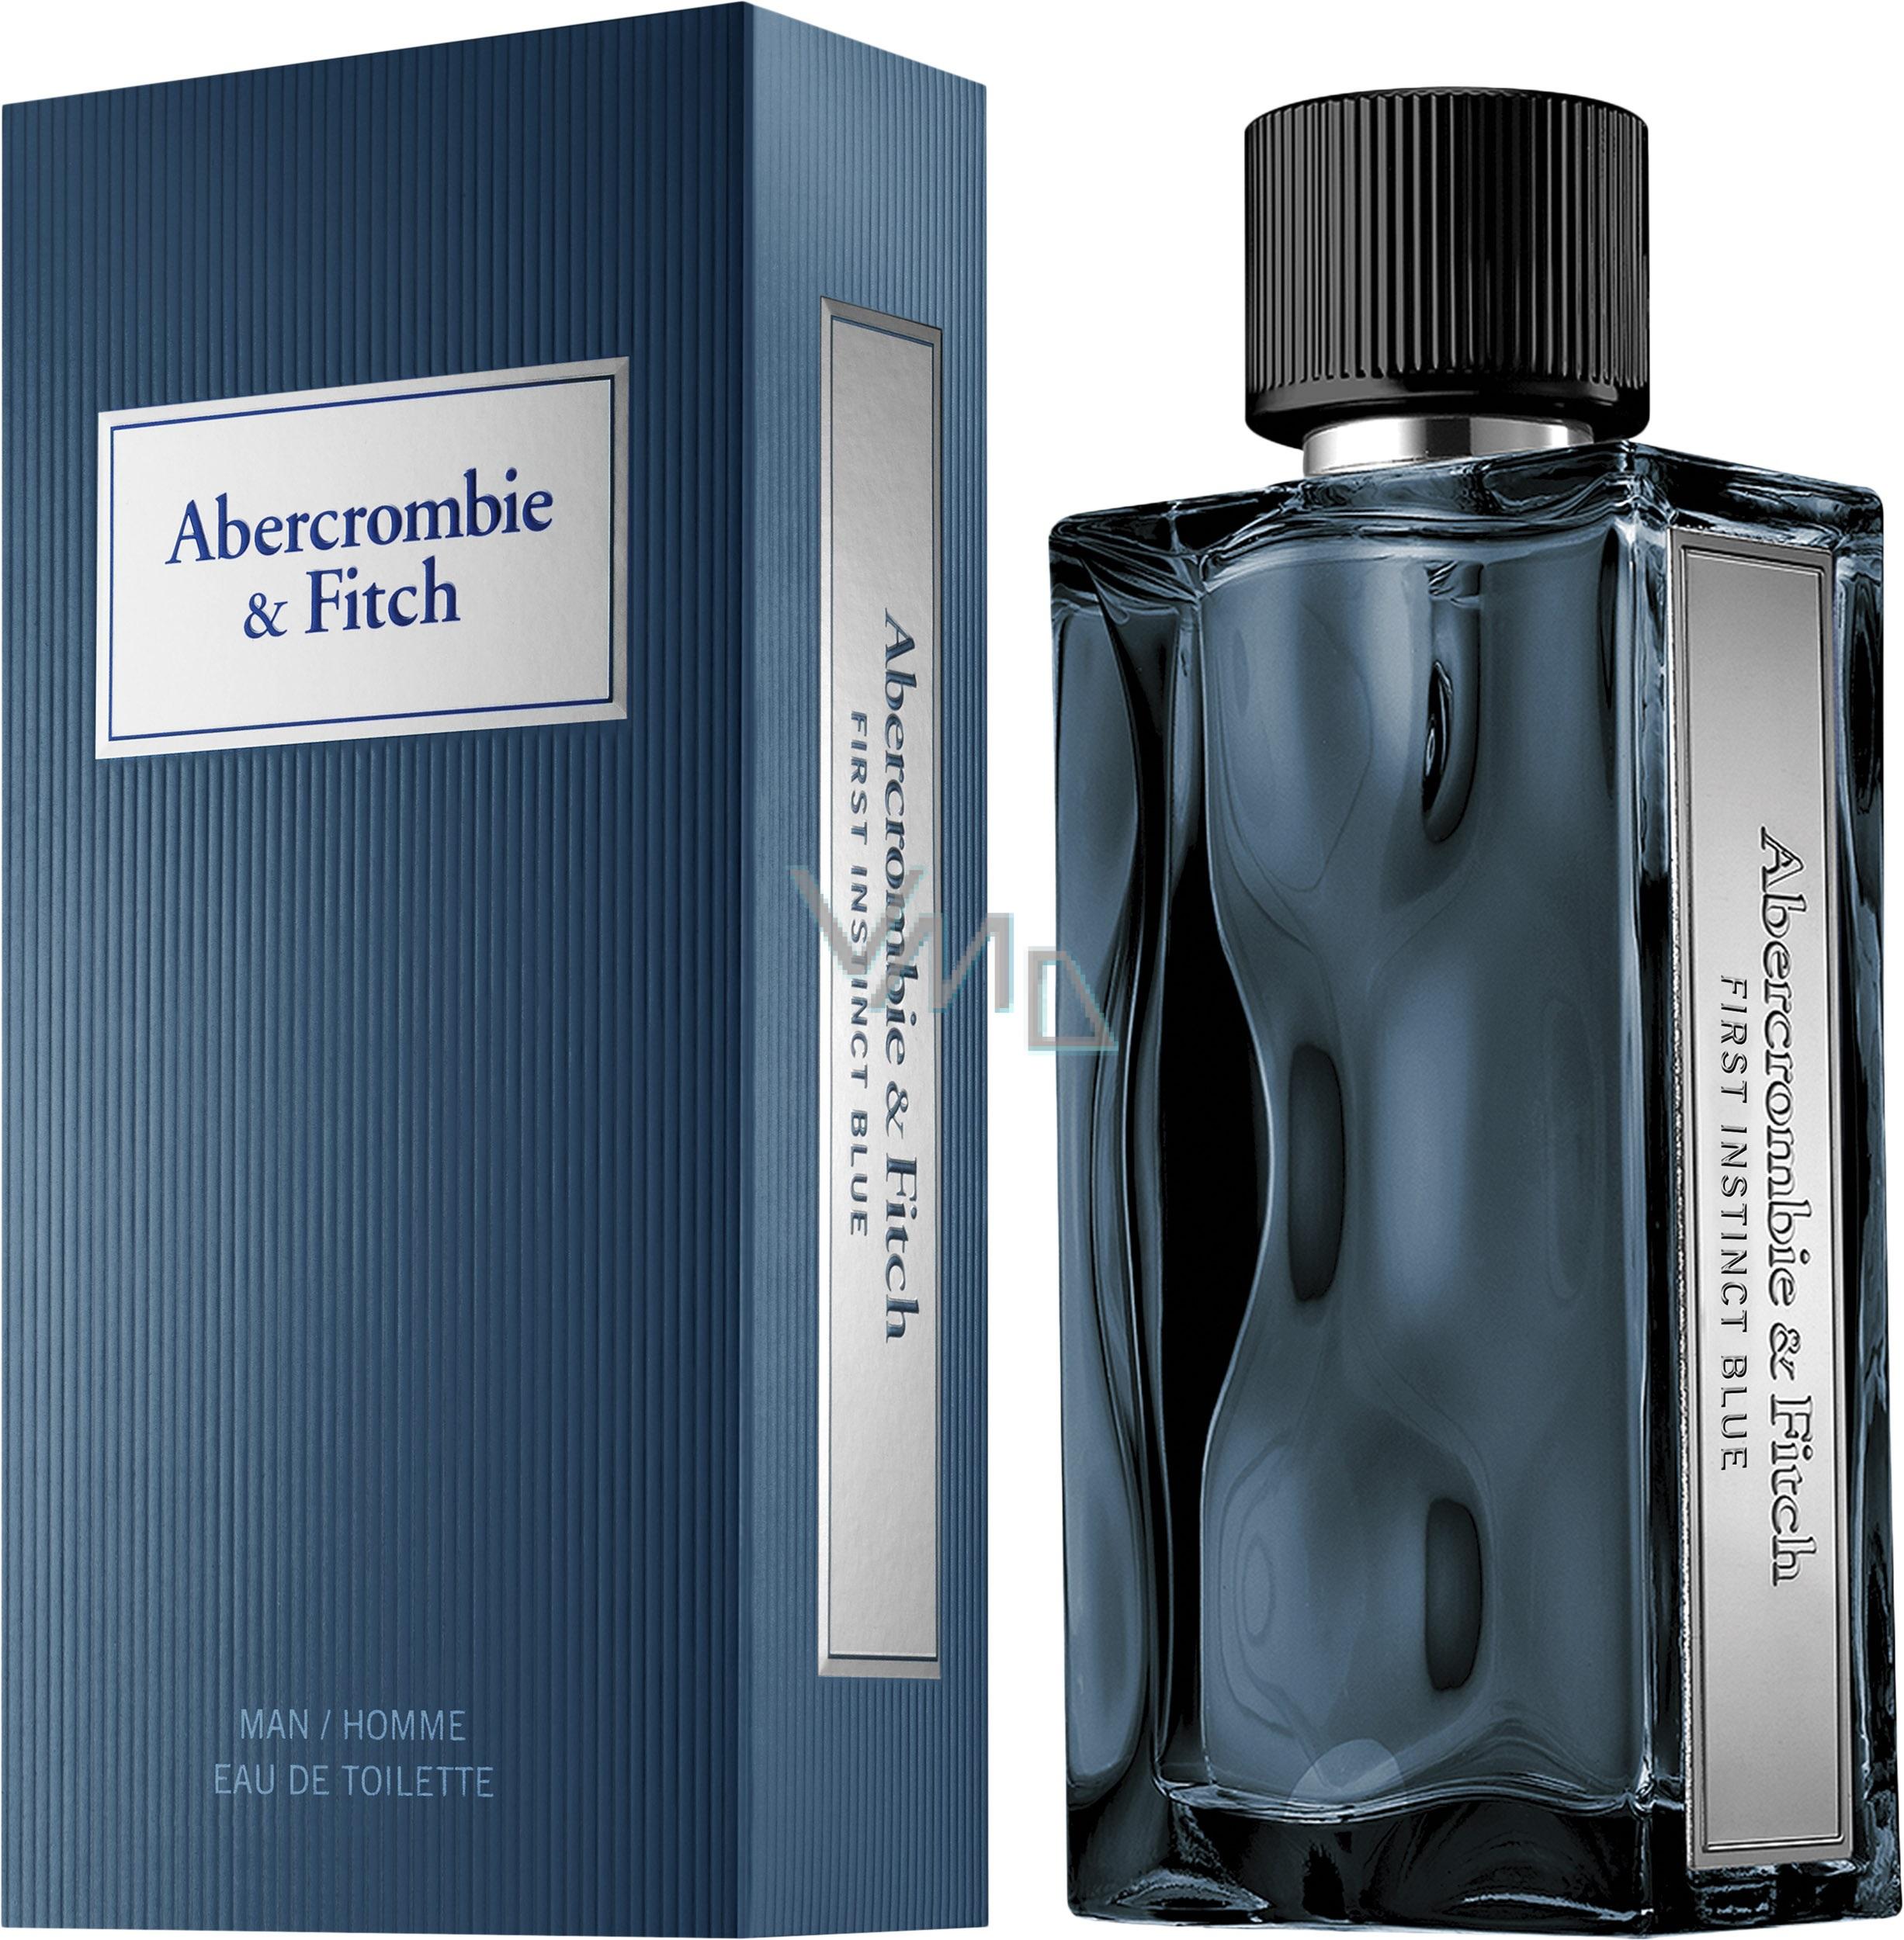 4ae7884da Abercrombie + Fitch First Instinct Blue Men EDT 50ml - VMD parfumerie -  drogerie